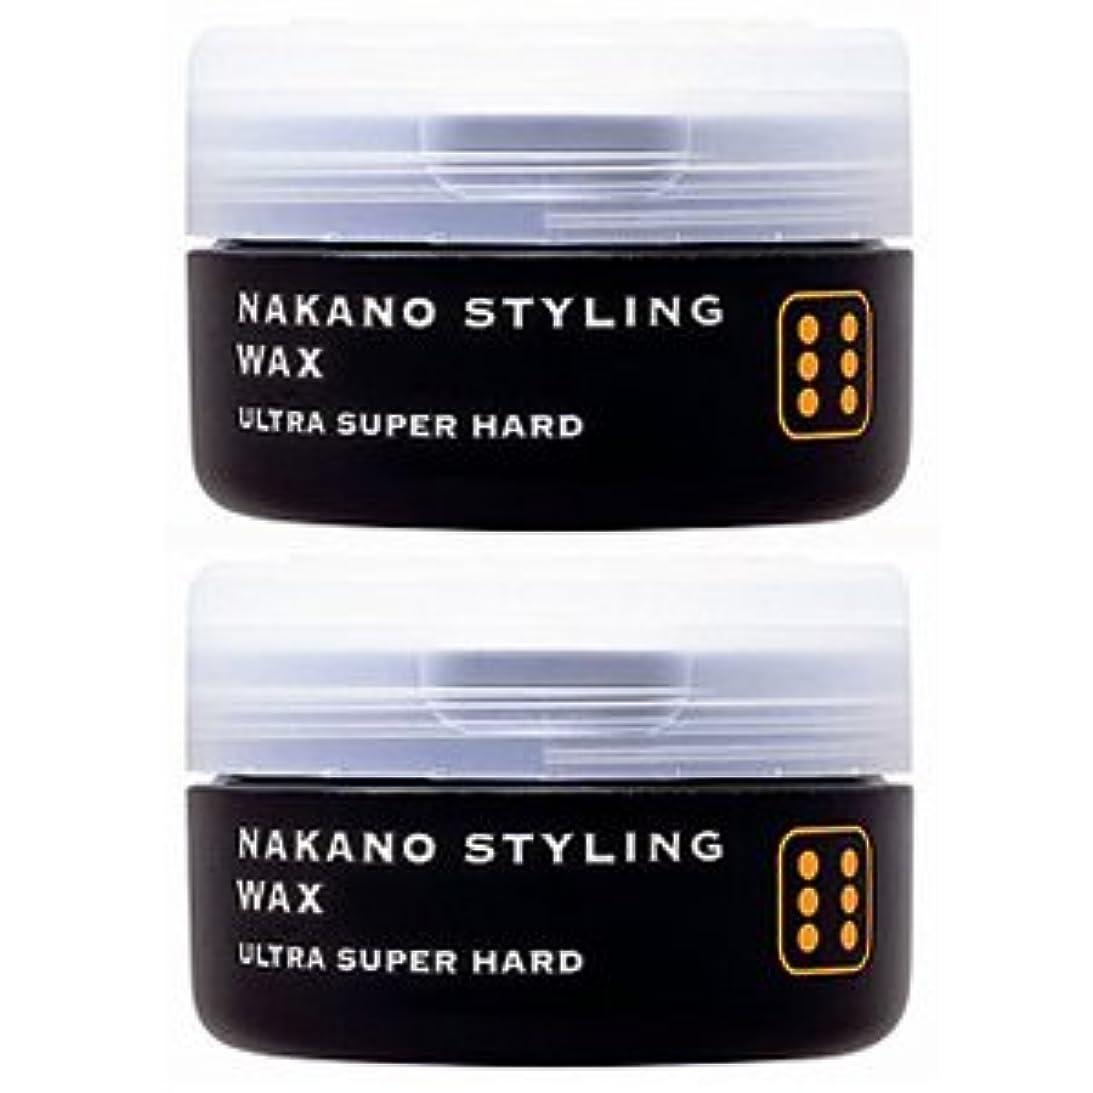 少ないモンク軽量ナカノ スタイリングワックス 6 ウルトラスーパーハード 90g 『2個セット』